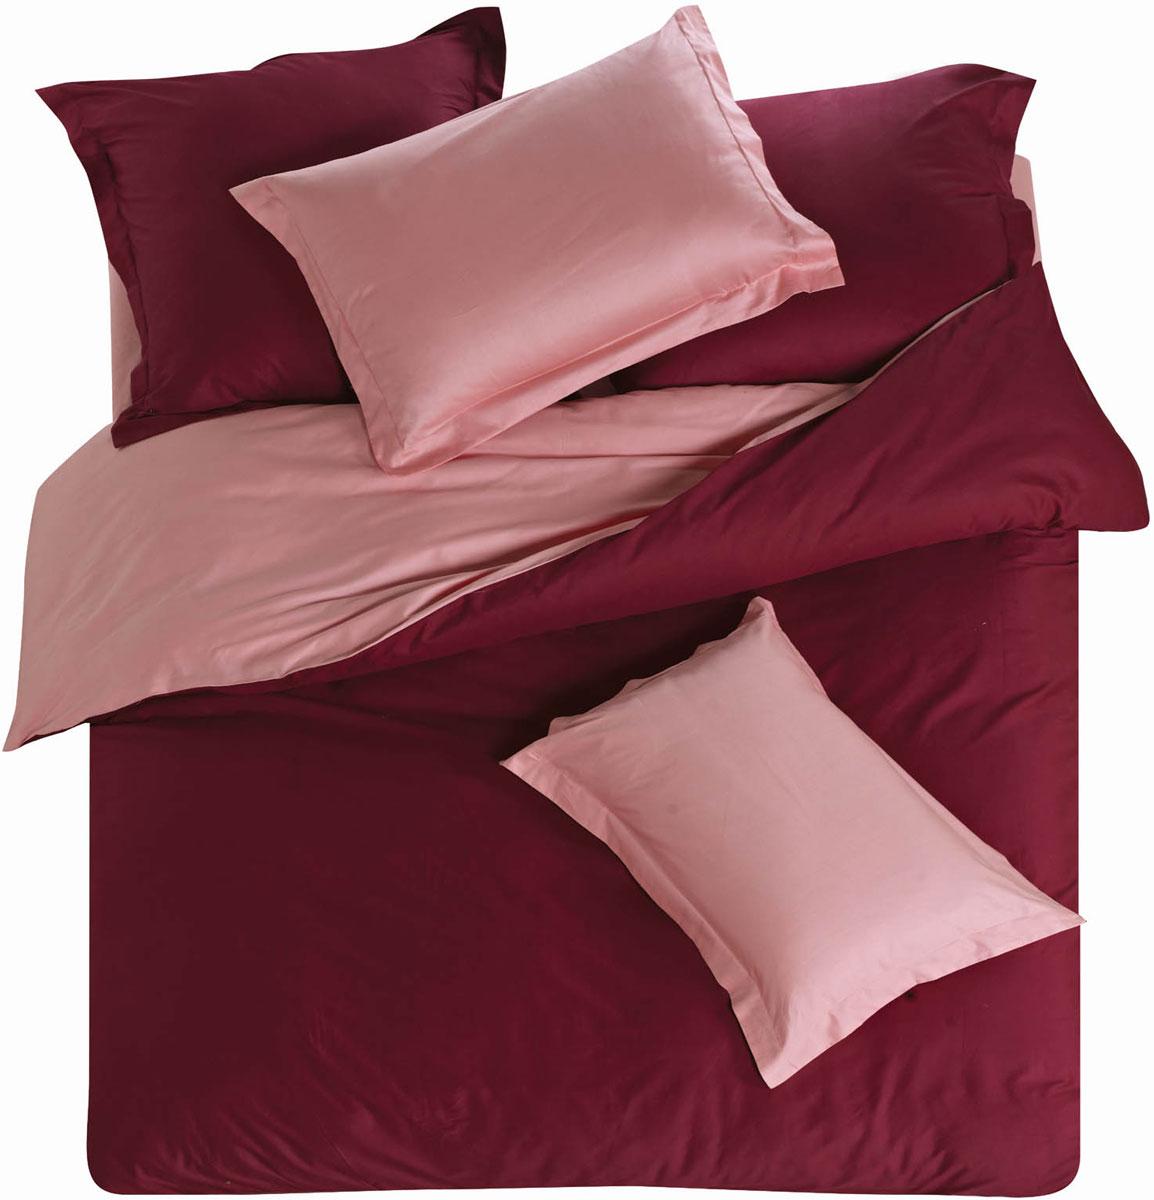 Комплект постельного белья СайлиД Dympna, 1,5-спальный, наволочки 70x70, цвет: бордовый, розовыйsail148926Наволочки с декоративным кантом особенно подойдут, если вы предпочитаете класть подушки поверх покрывала. Кайма шириной 5-10 см с трех или четырех сторон делает подушки визуально более объемными, смотрятся они очень аккуратно, даже парадно. Еще такие наволочки называют оксфордскими или наволочками «с ушками».В сатине высокой плотности нити очень сильно скручены, поэтому ткань гладкая и немного блестит. Краска на сатине держится очень хорошо, новое белье не полиняет и со временем не станет выцветать. Комплект из плотного сатина прослужит дольше любого другого хлопкового белья. Благодаря диагональному пересечению нитей, он почти не мнется, но по гладкости и мягкости уступает атласным тканям.